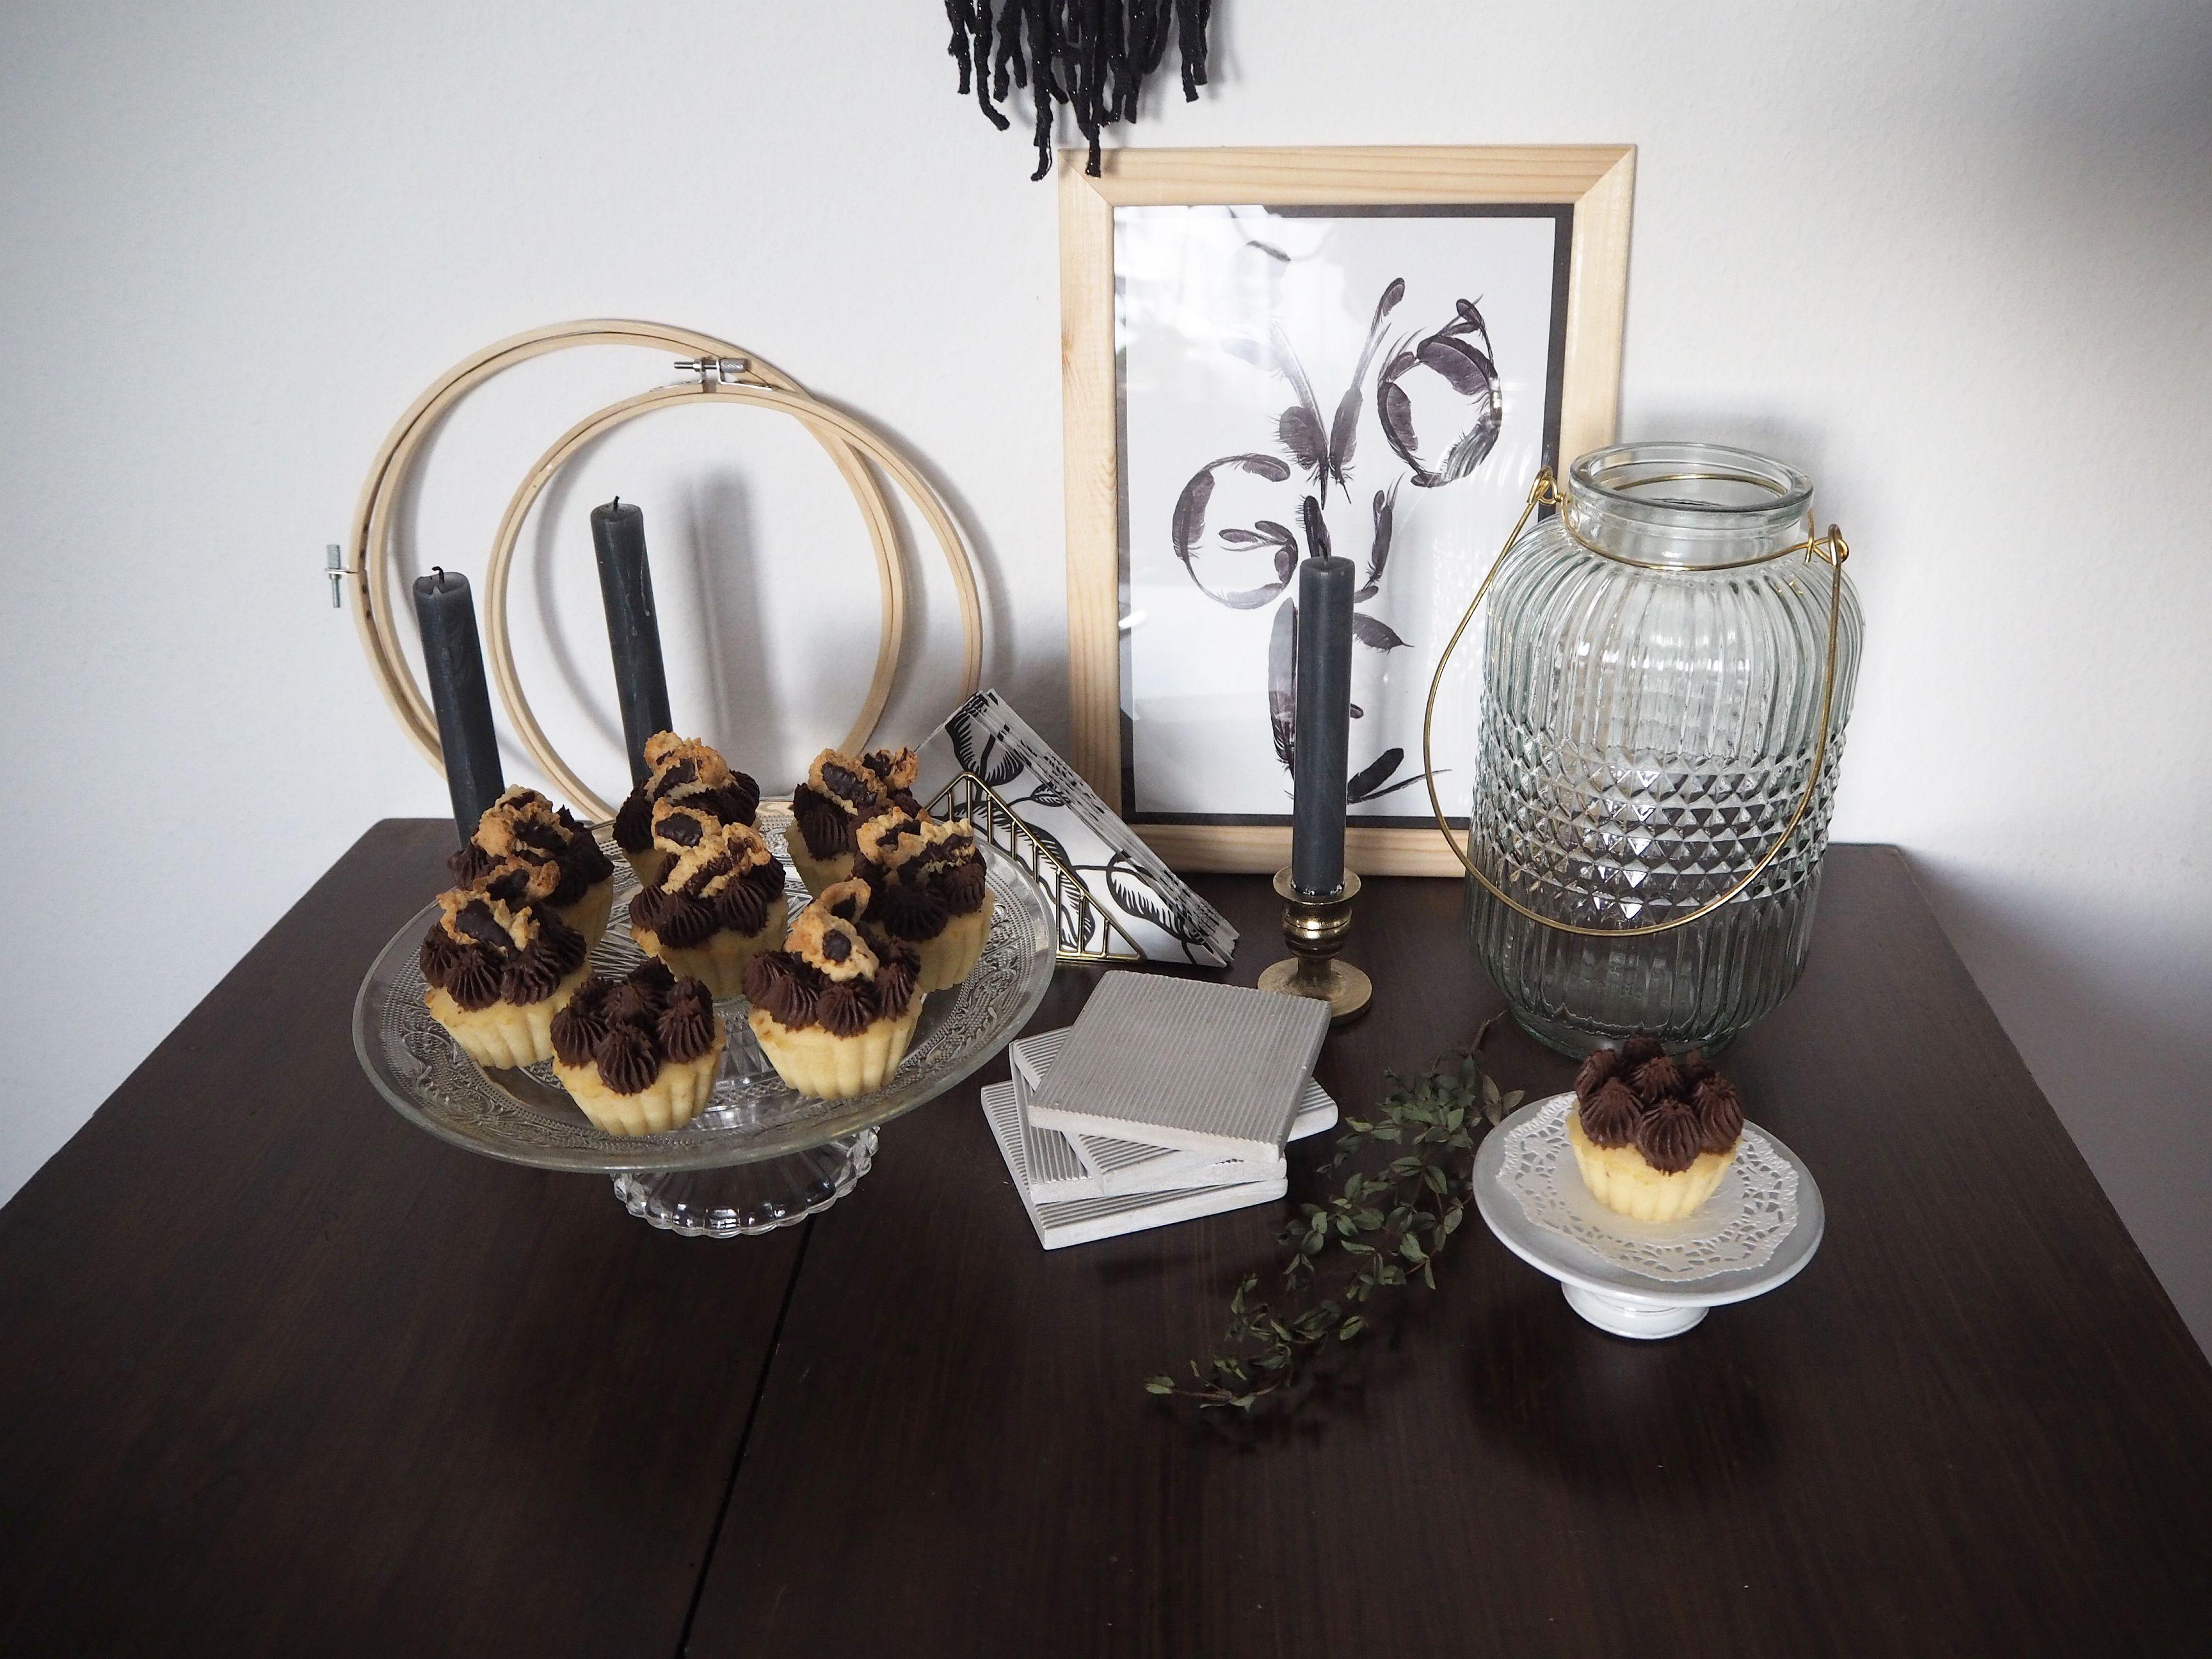 2018-01-skoen-och-kreativ-food-cookies-cake-love-vanilla-chocolate-cupcakes (1)